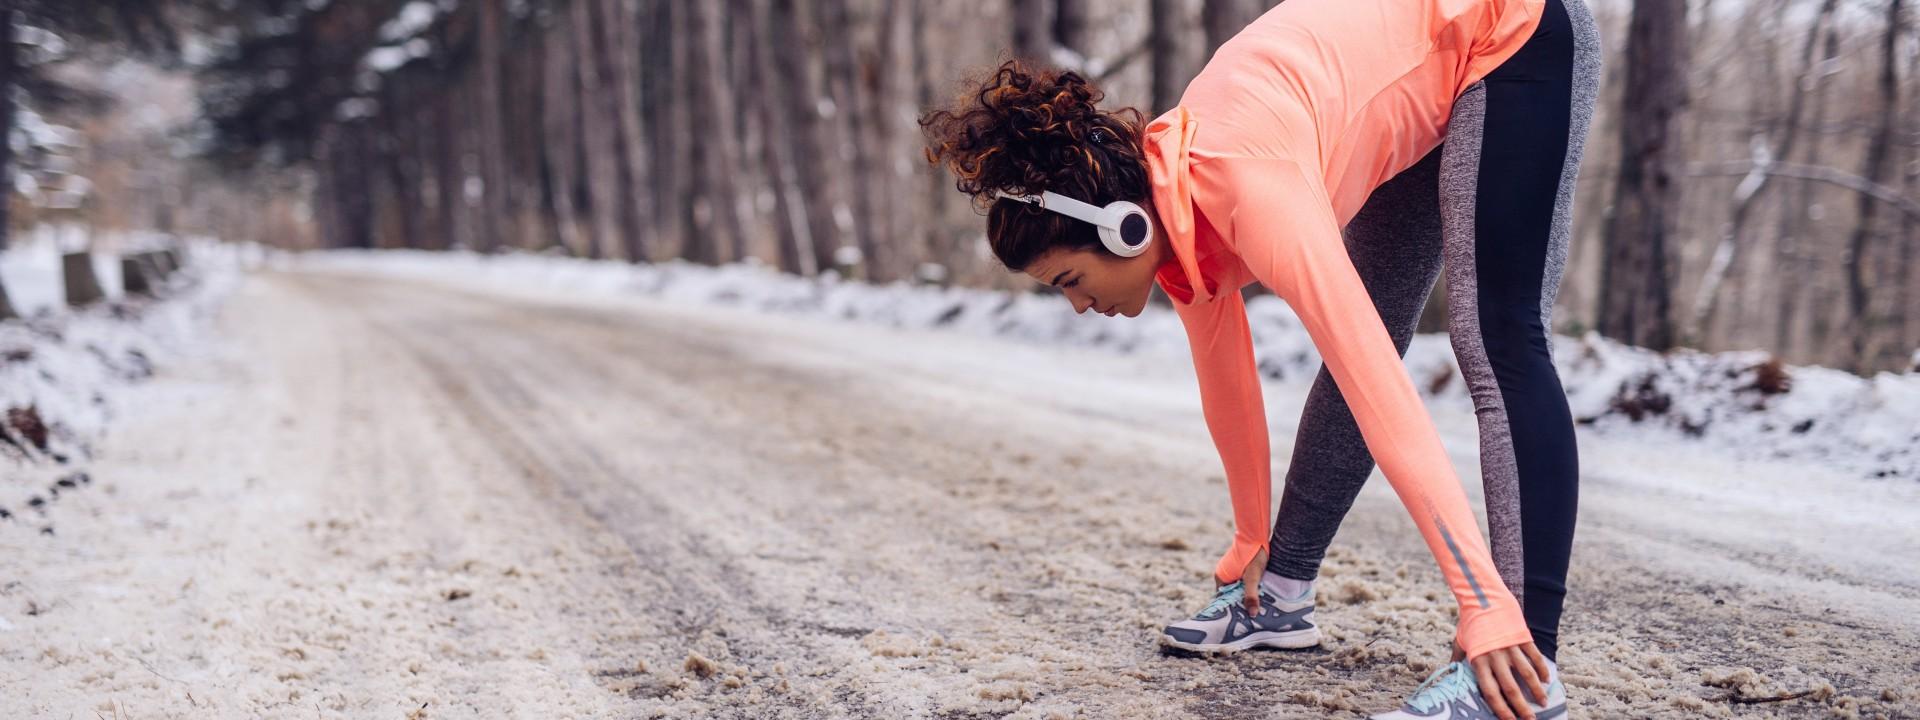 Eine etwas 30 jährige Frau steht an einer beschneiten Straße. Sie trägt Kopfhörer und dehnt ihre Beine.